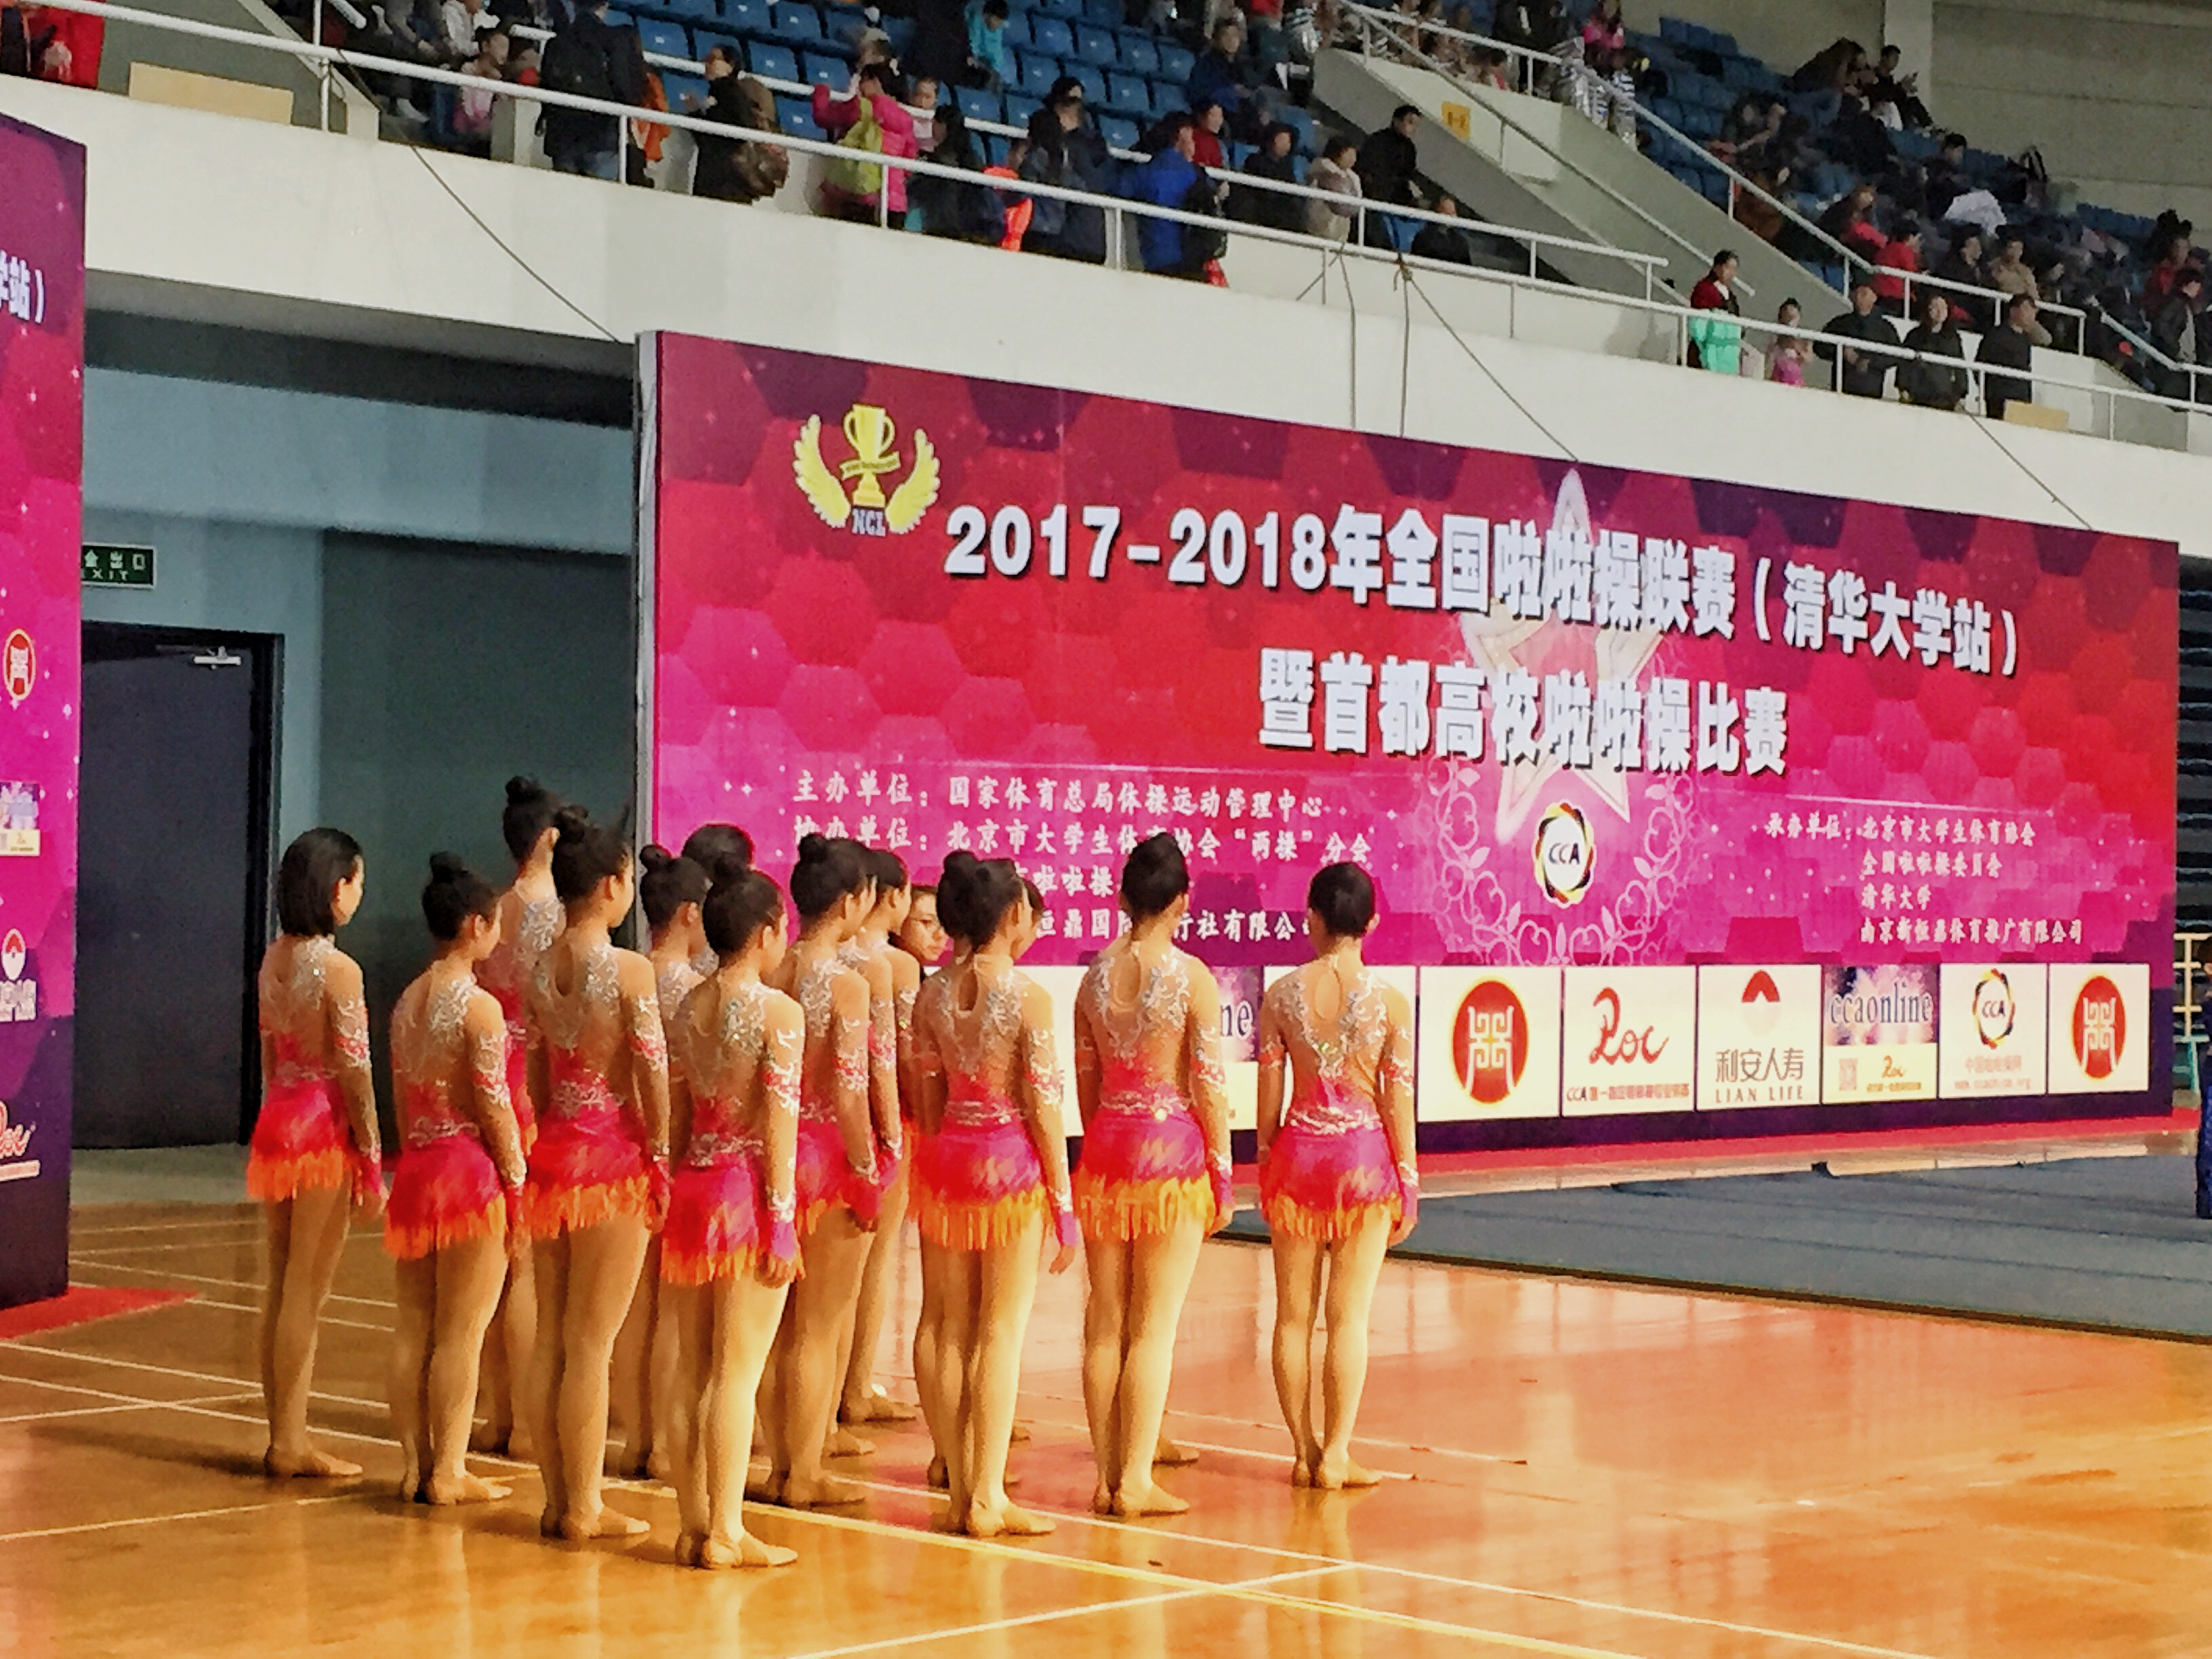 全国啦啦操联赛比赛候场.jpg